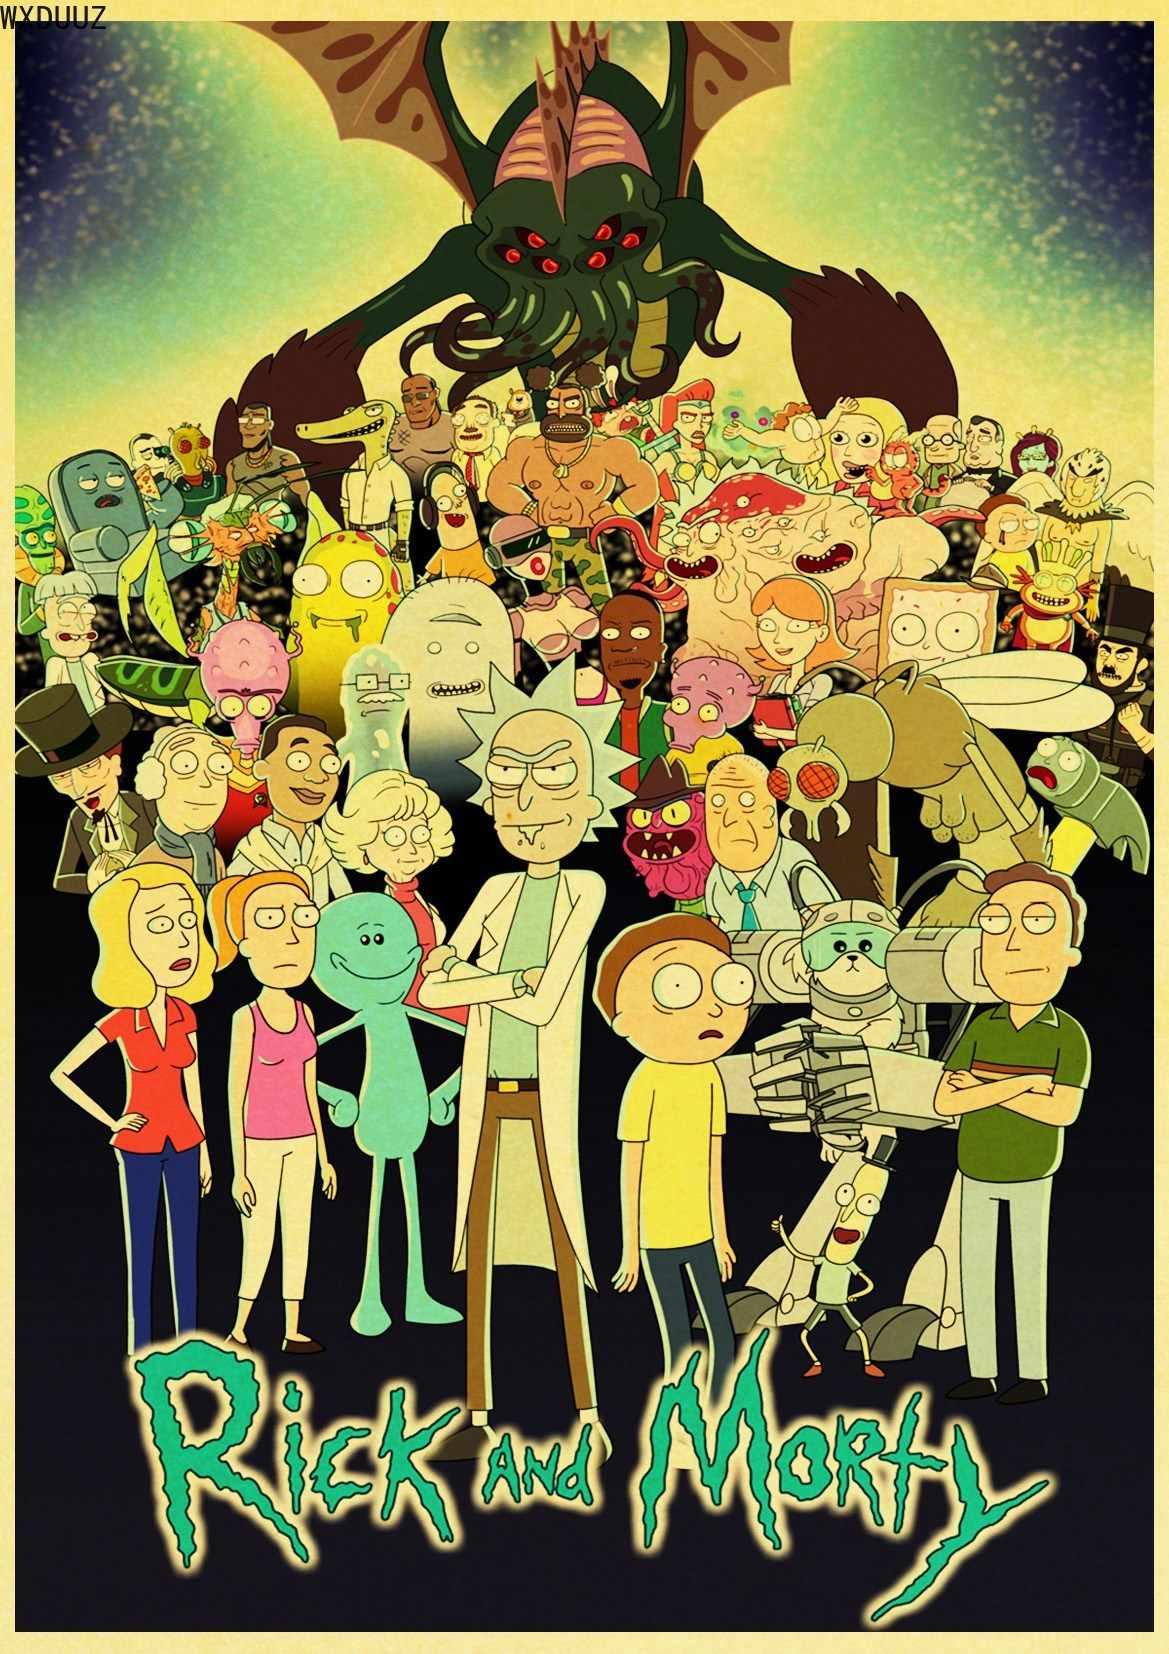 漫画ポスターリックと Morty レトロポスターウォール紙高品質家の装飾壁ステッカーアートキャンバス絵画